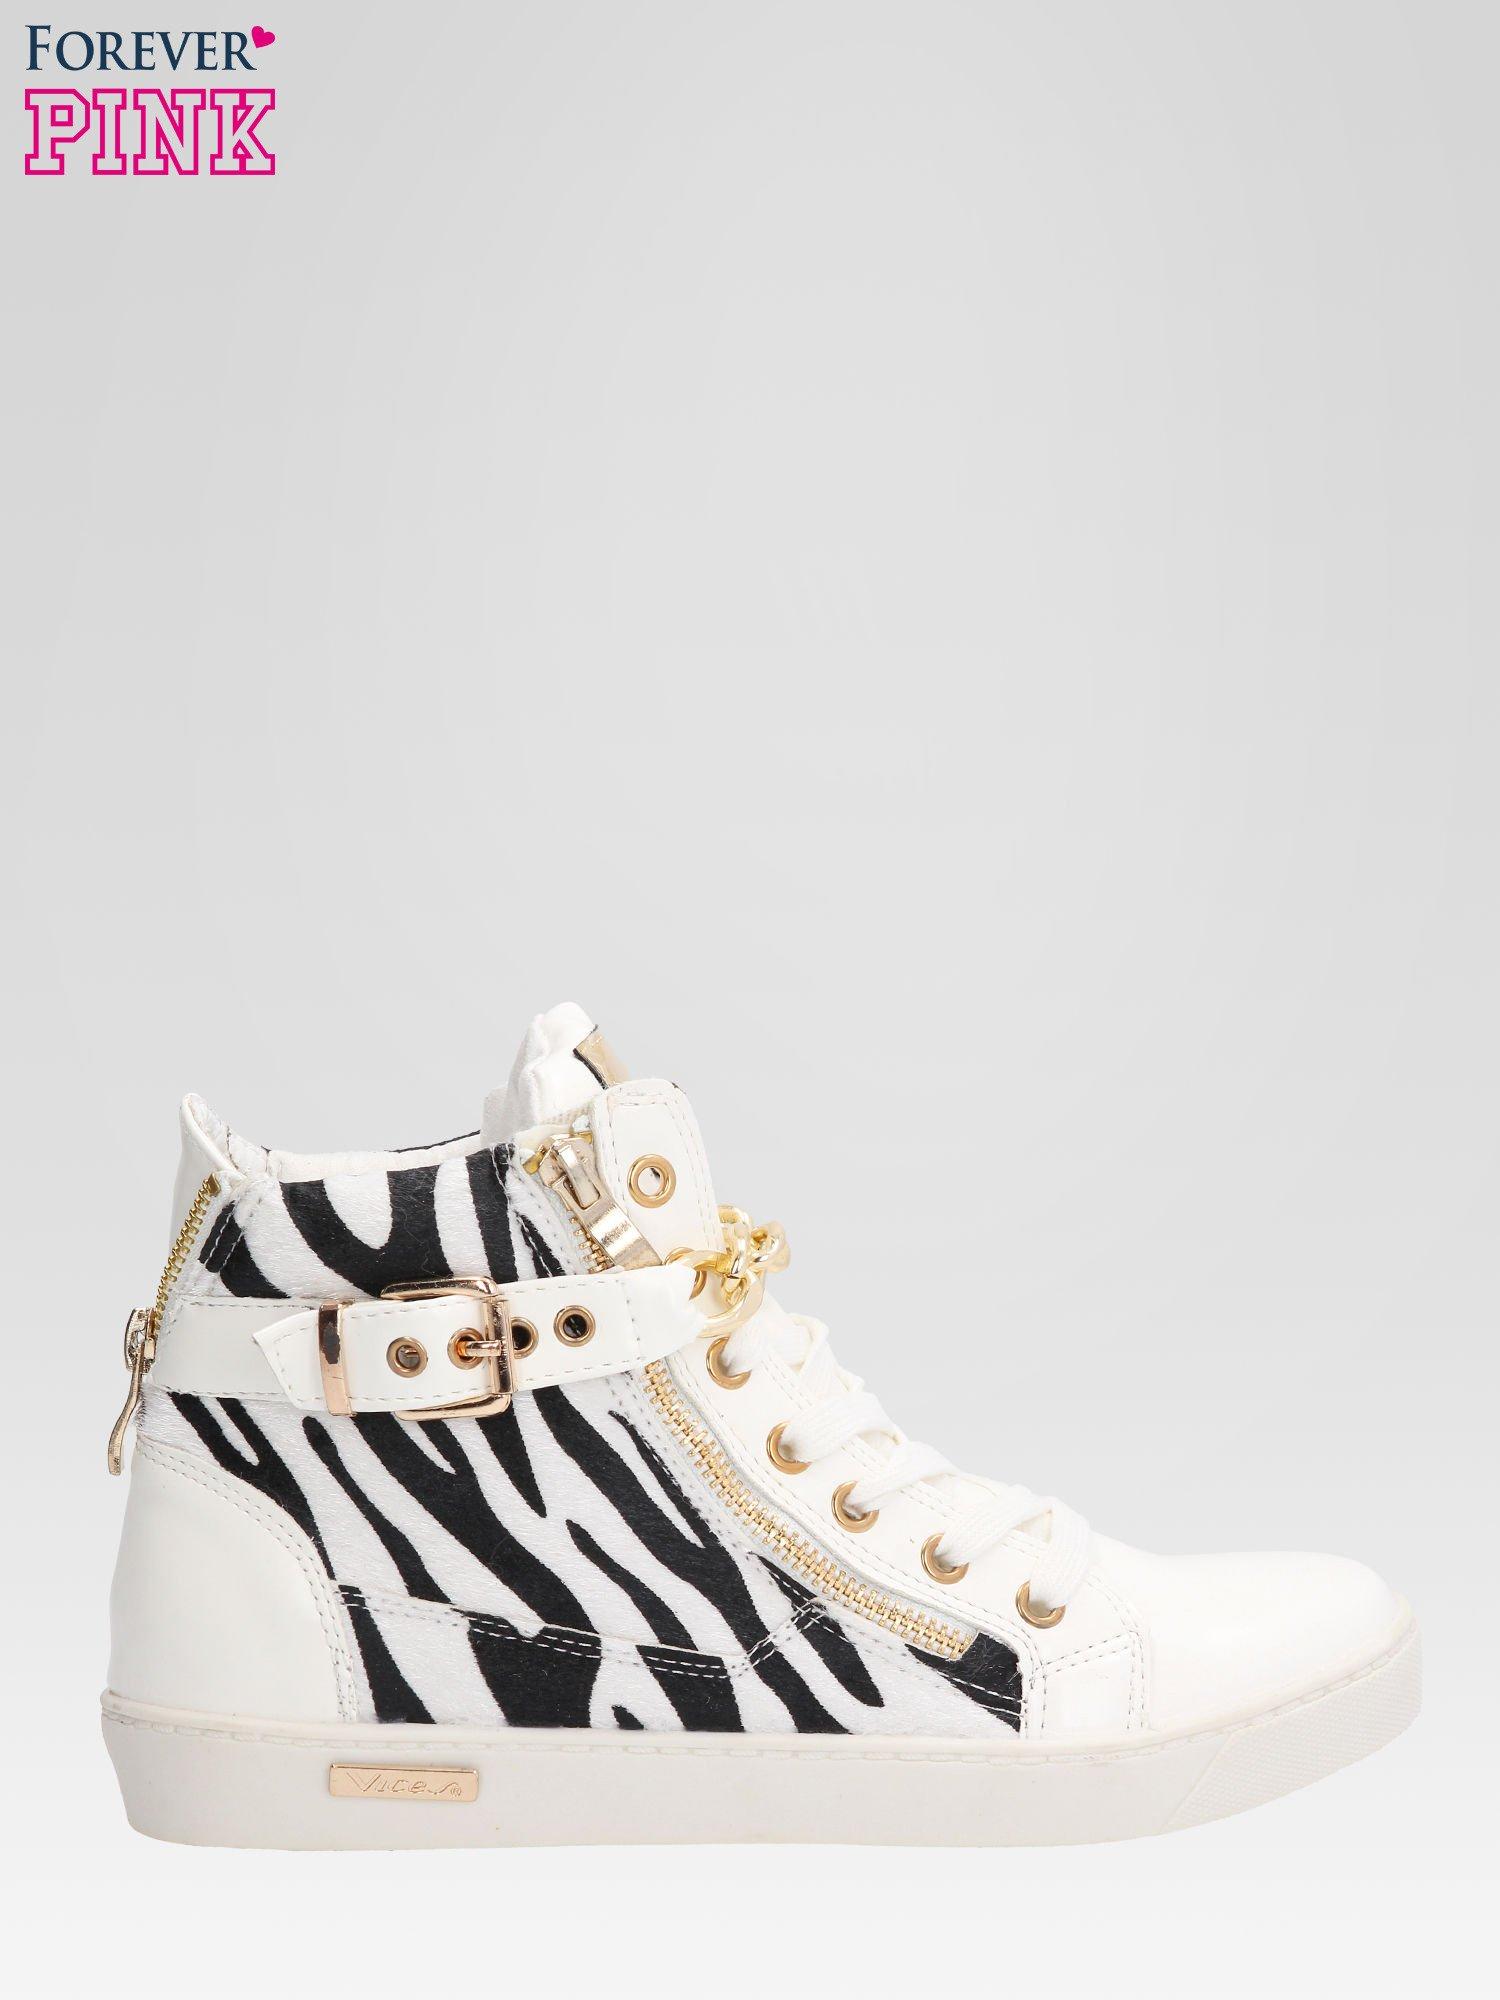 Białe sneakersy damskie z motywem zebry                                  zdj.                                  1